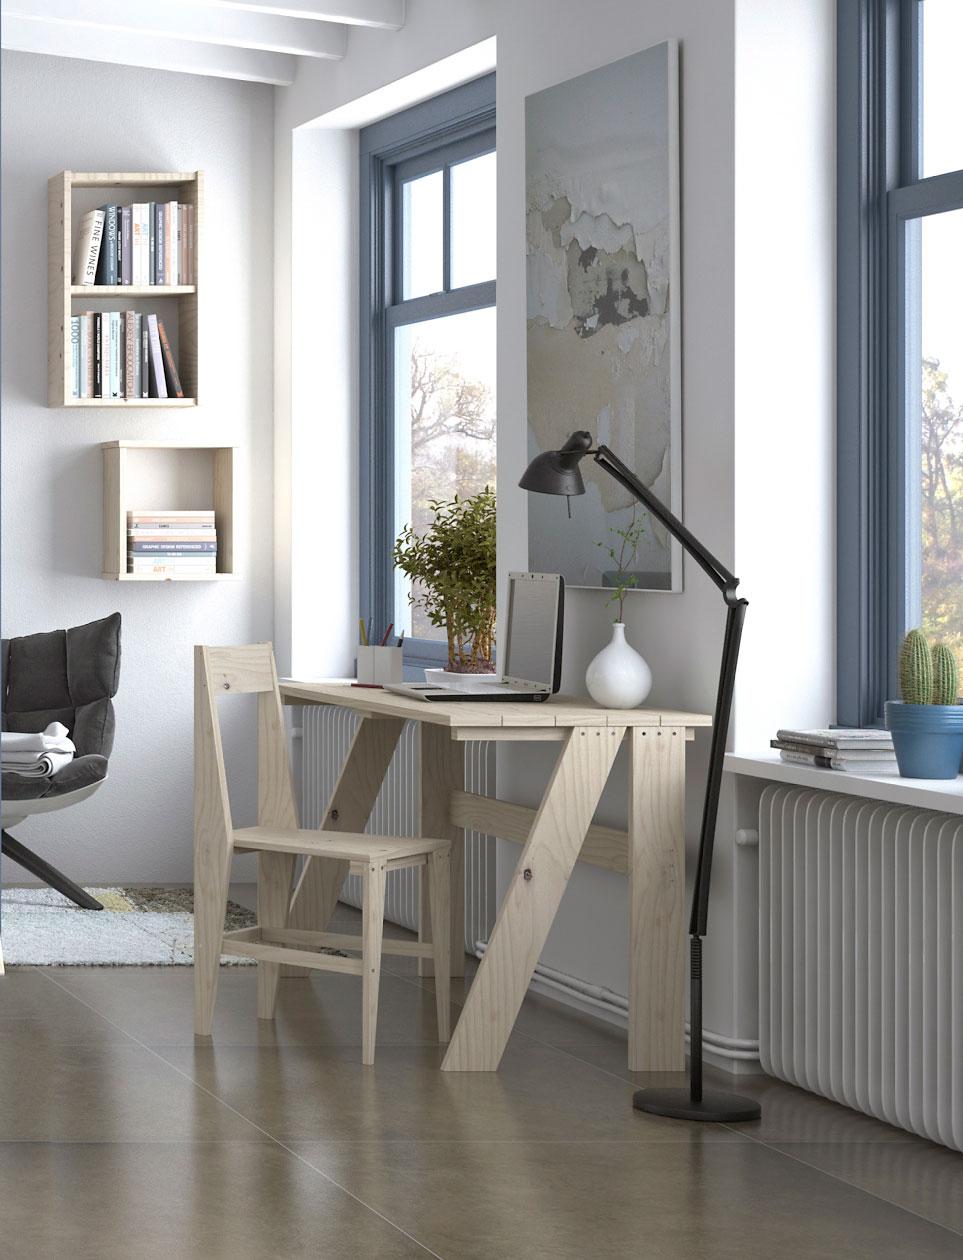 C est le temps pour l inspiration blog muebles lufe - Muebles oficina en casa ...